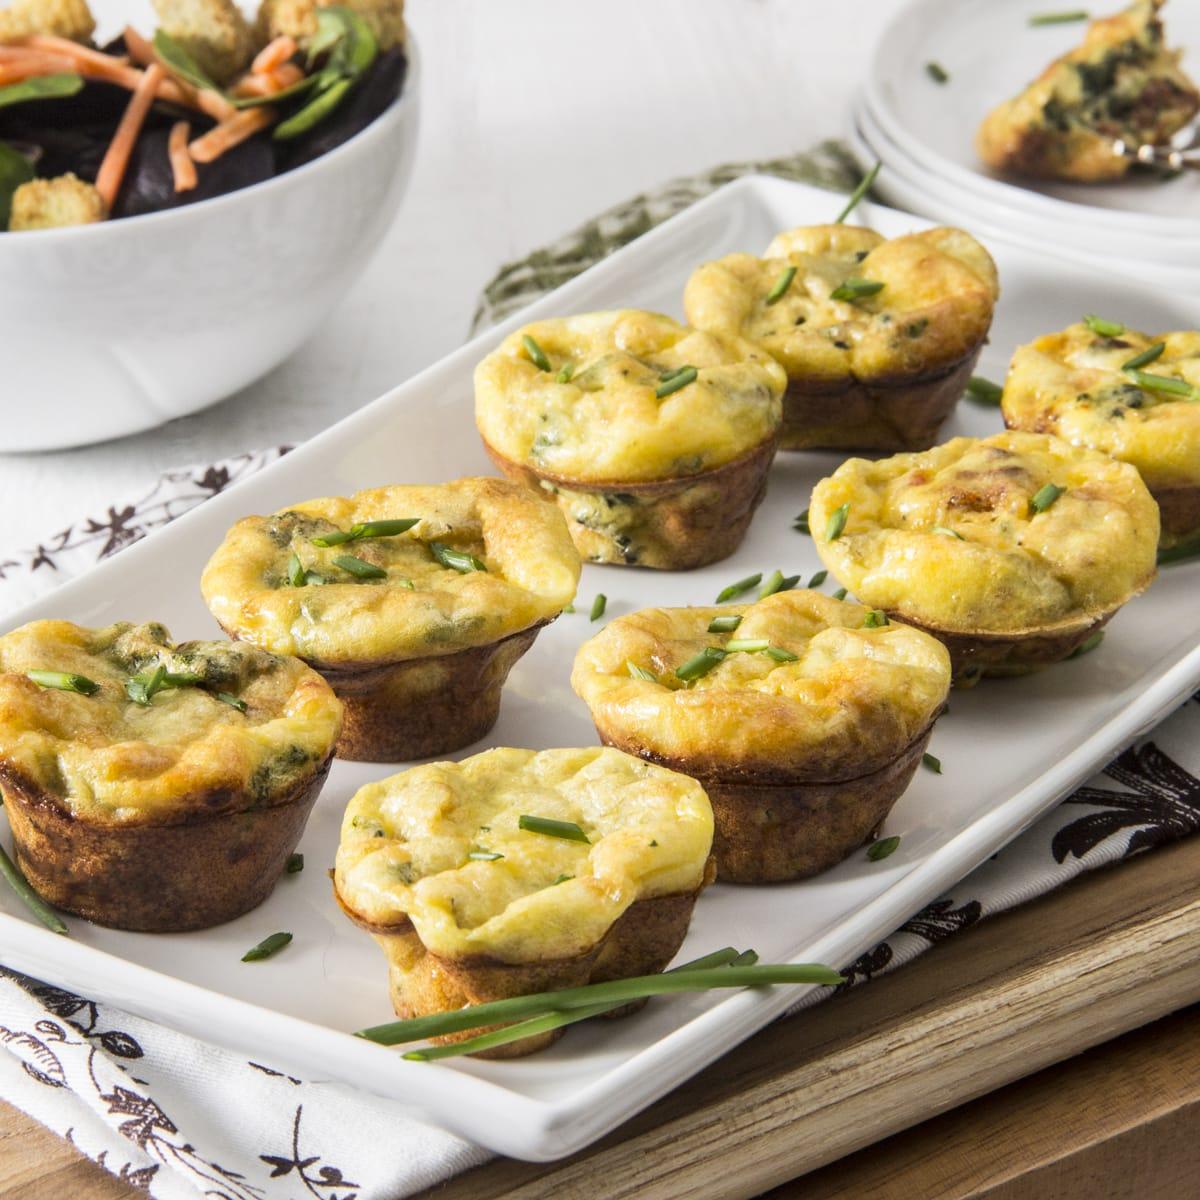 Easy Spinach Artichoke Frittata Recipe Easy Spinach Artichoke Frittata Recipe new pics